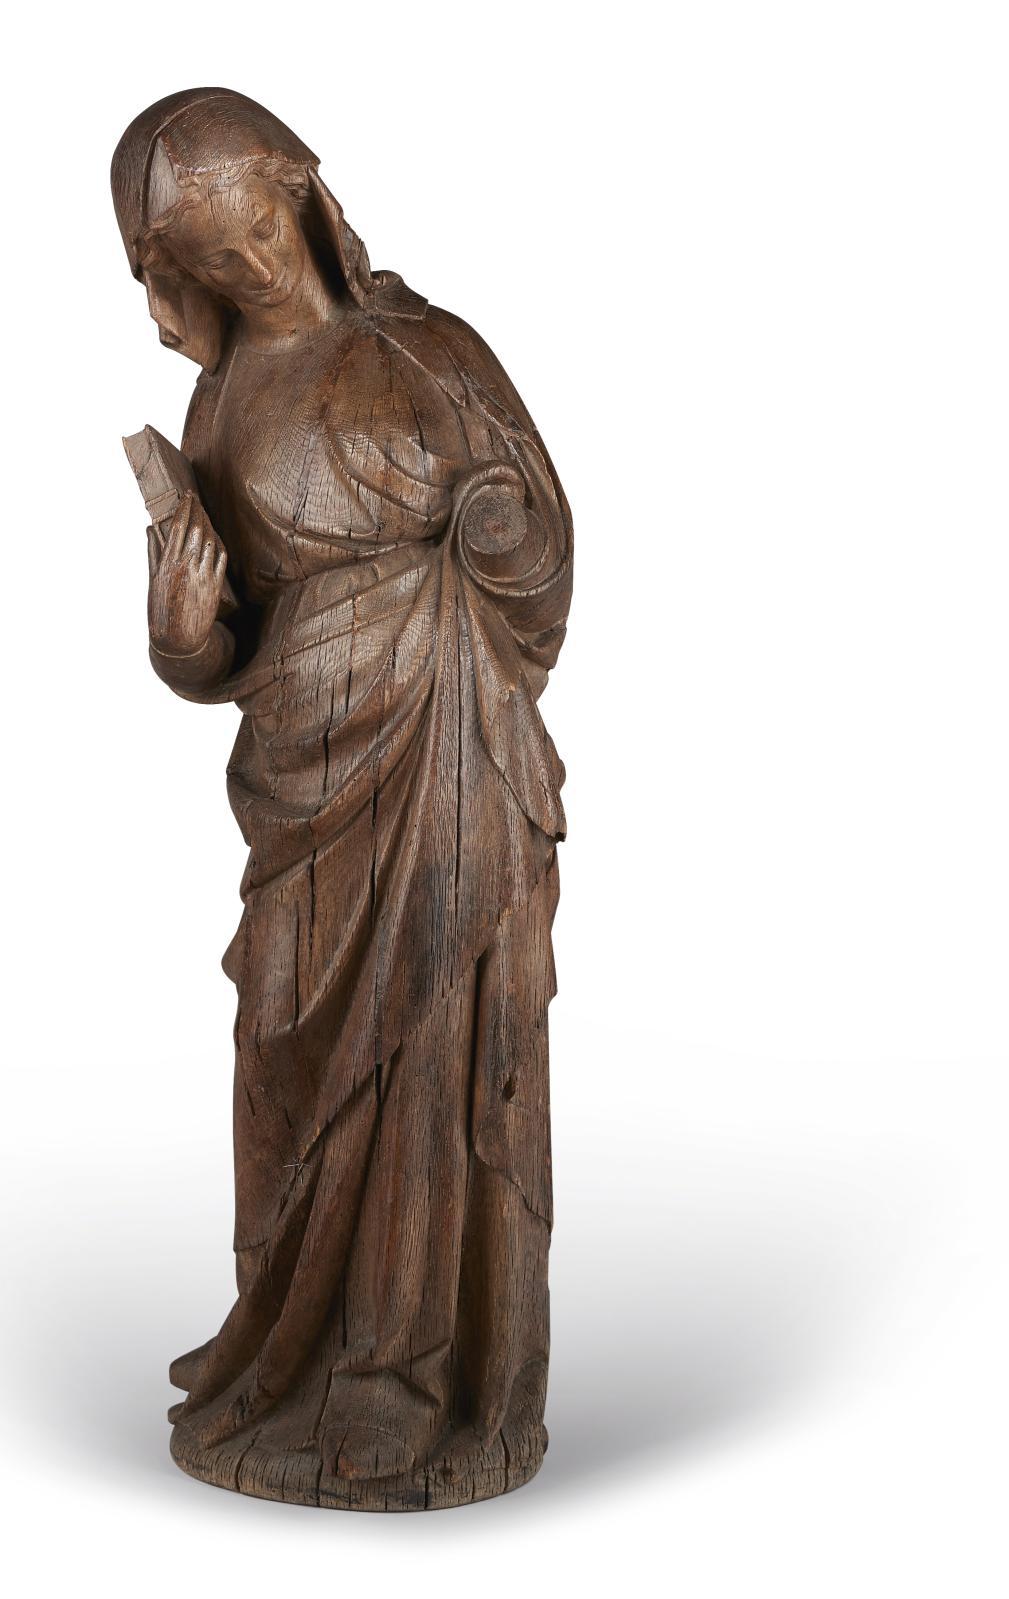 Ile-de-France ou Picardie, dernier tiers du XIIIesiècle. Vierge de l'Annonciation en chêne sculpté en ronde bosse, dos partiellement évid